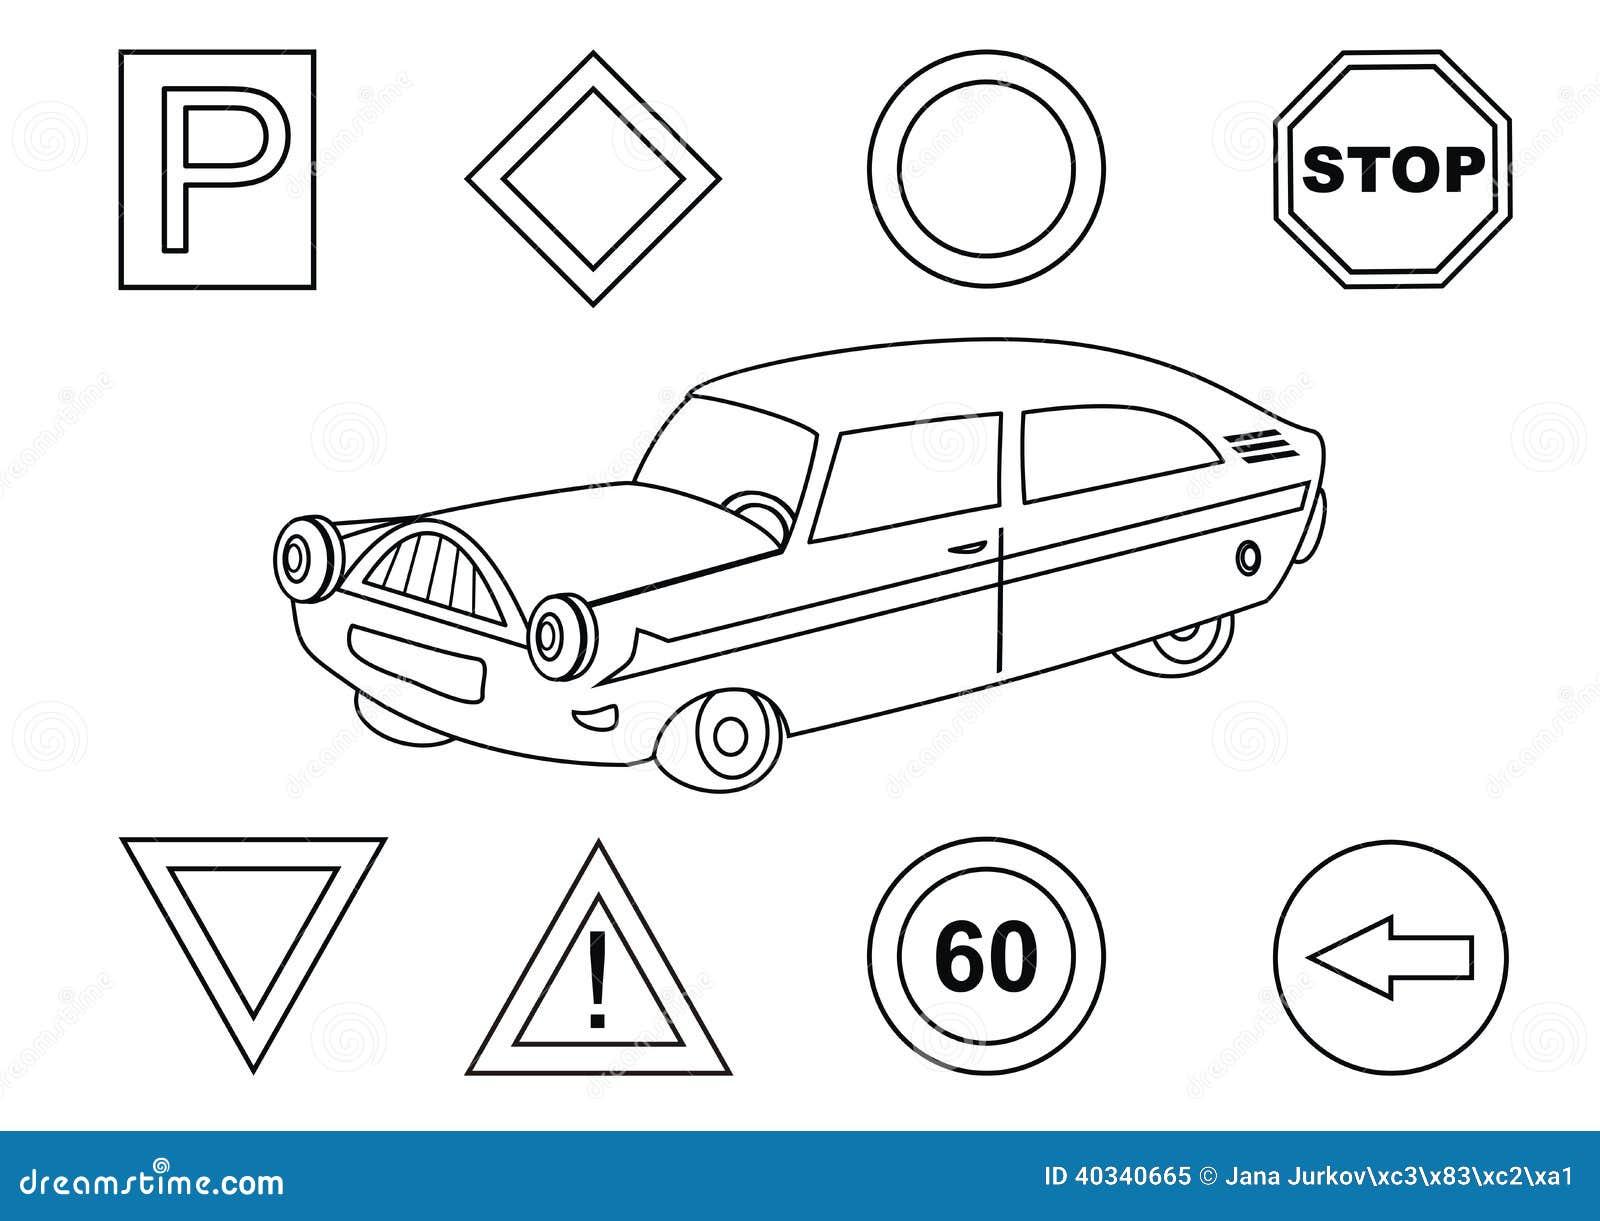 auto und verkehrsschilder - malbuch vektor abbildung